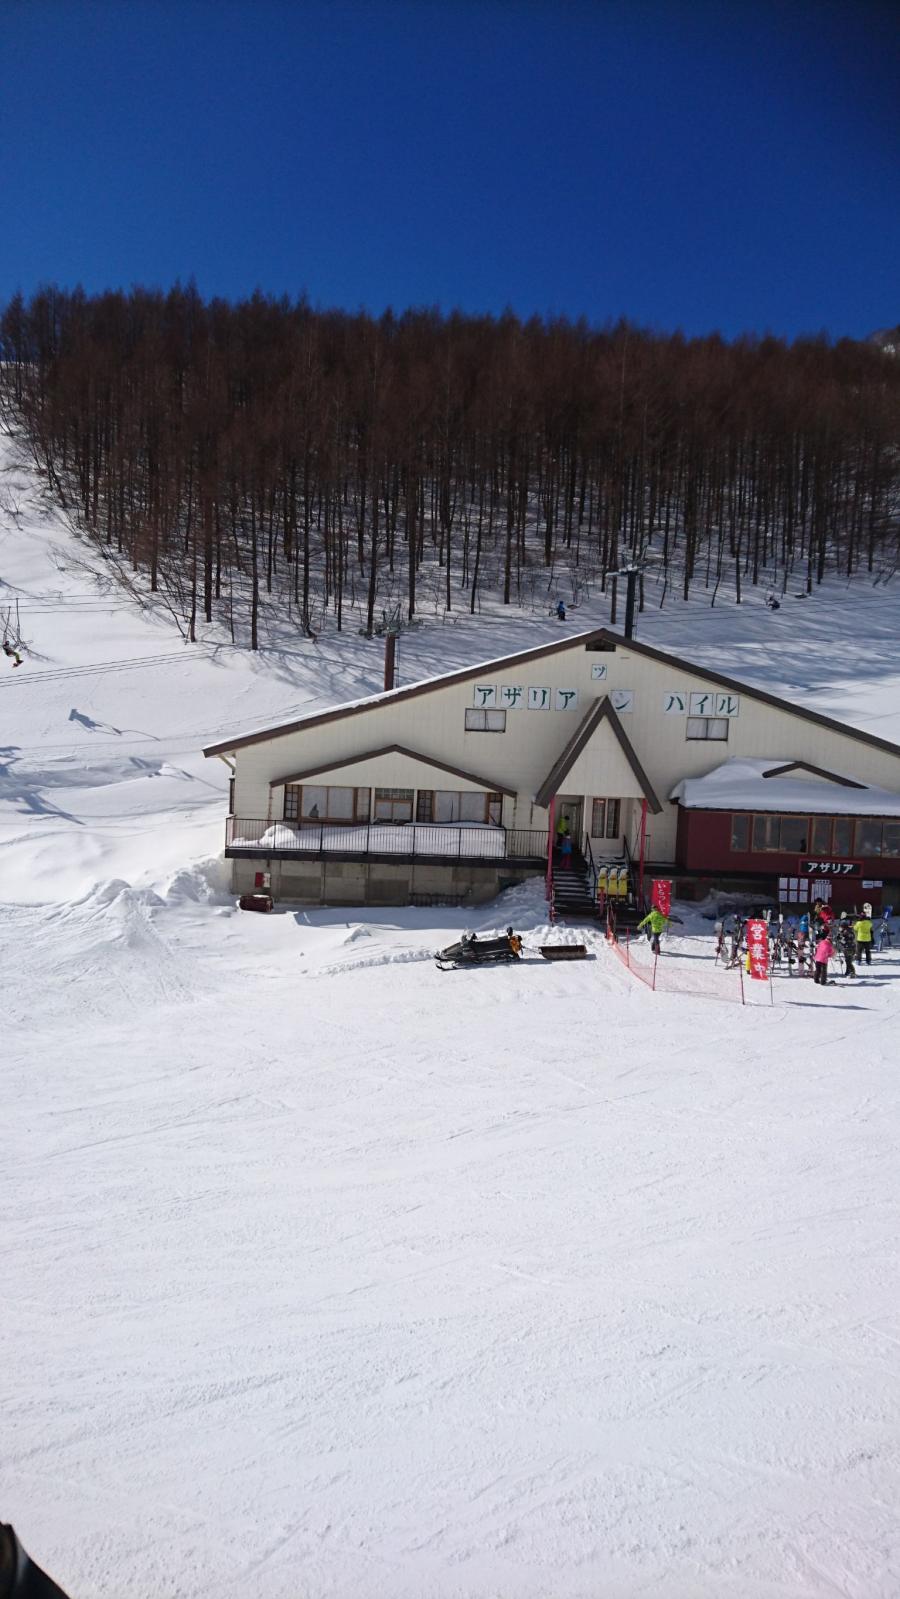 オグナ ほ たか スキー 場 天気